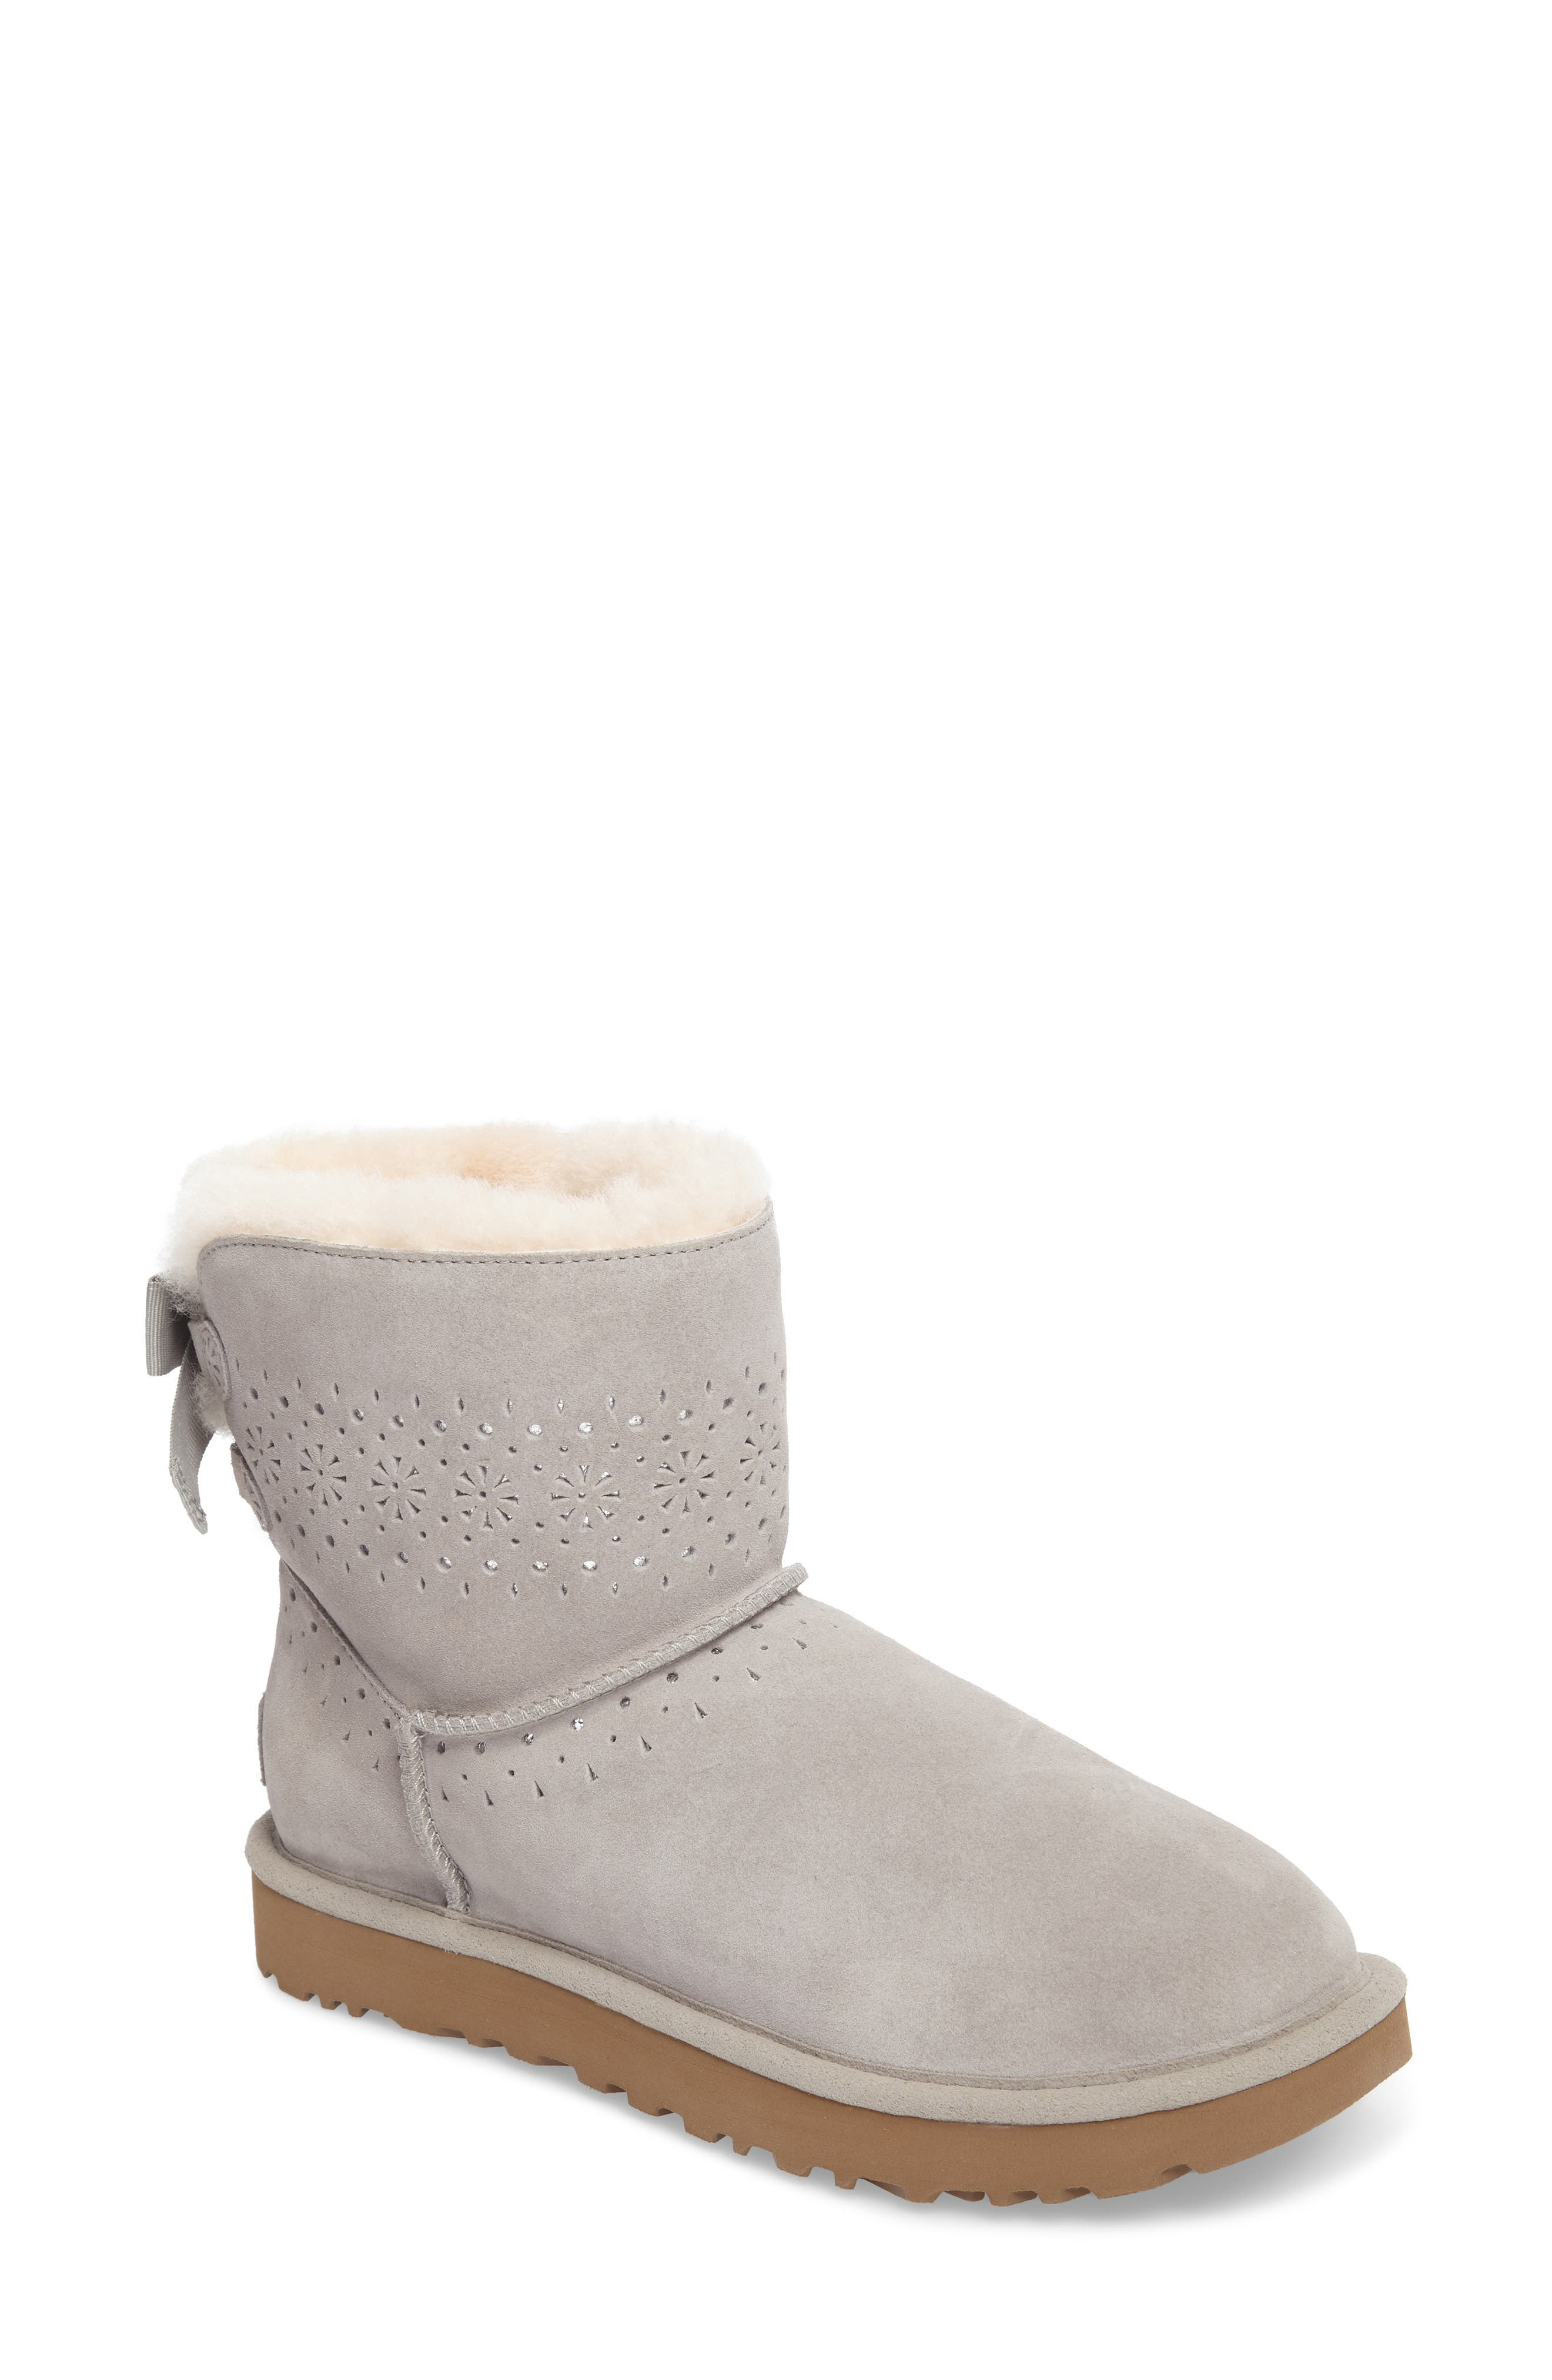 Alternate Image 1 Selected - UGG® Dae Sunshine Boot (Women)